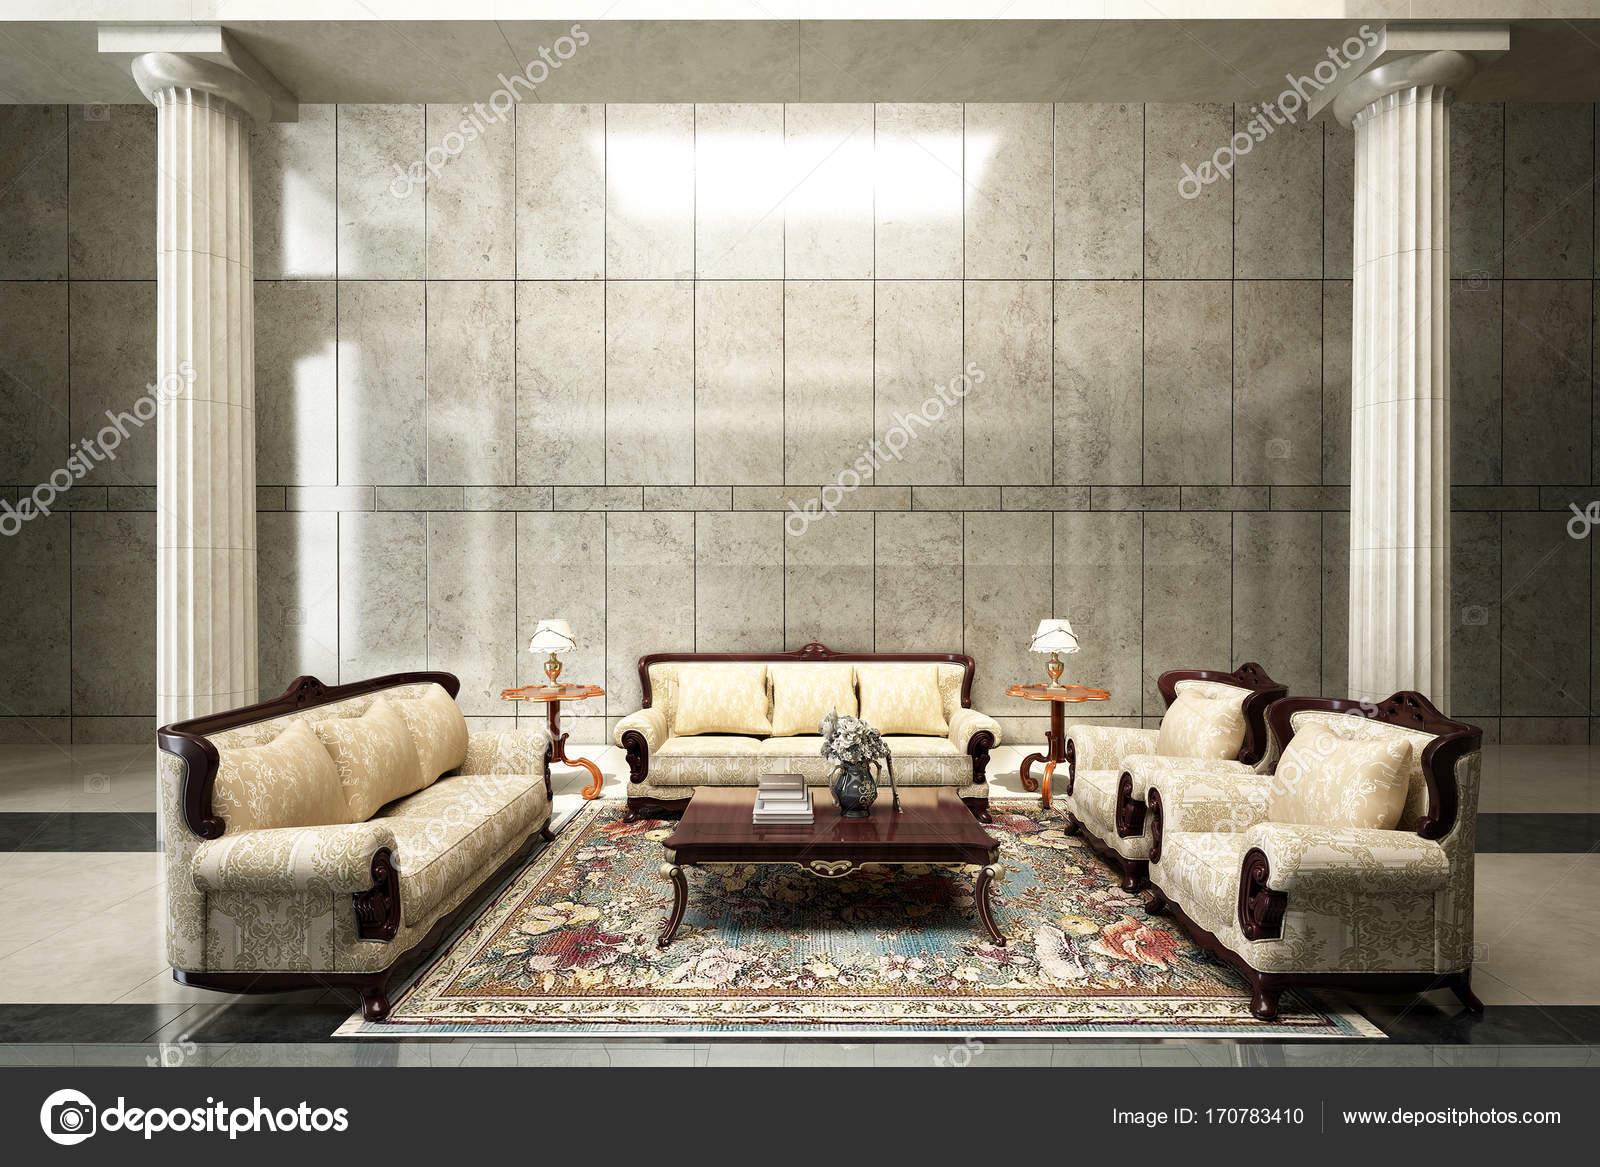 Woonkamer Met Beton : Hij interieur van luxe lounge hal en woonkamer en beton muur